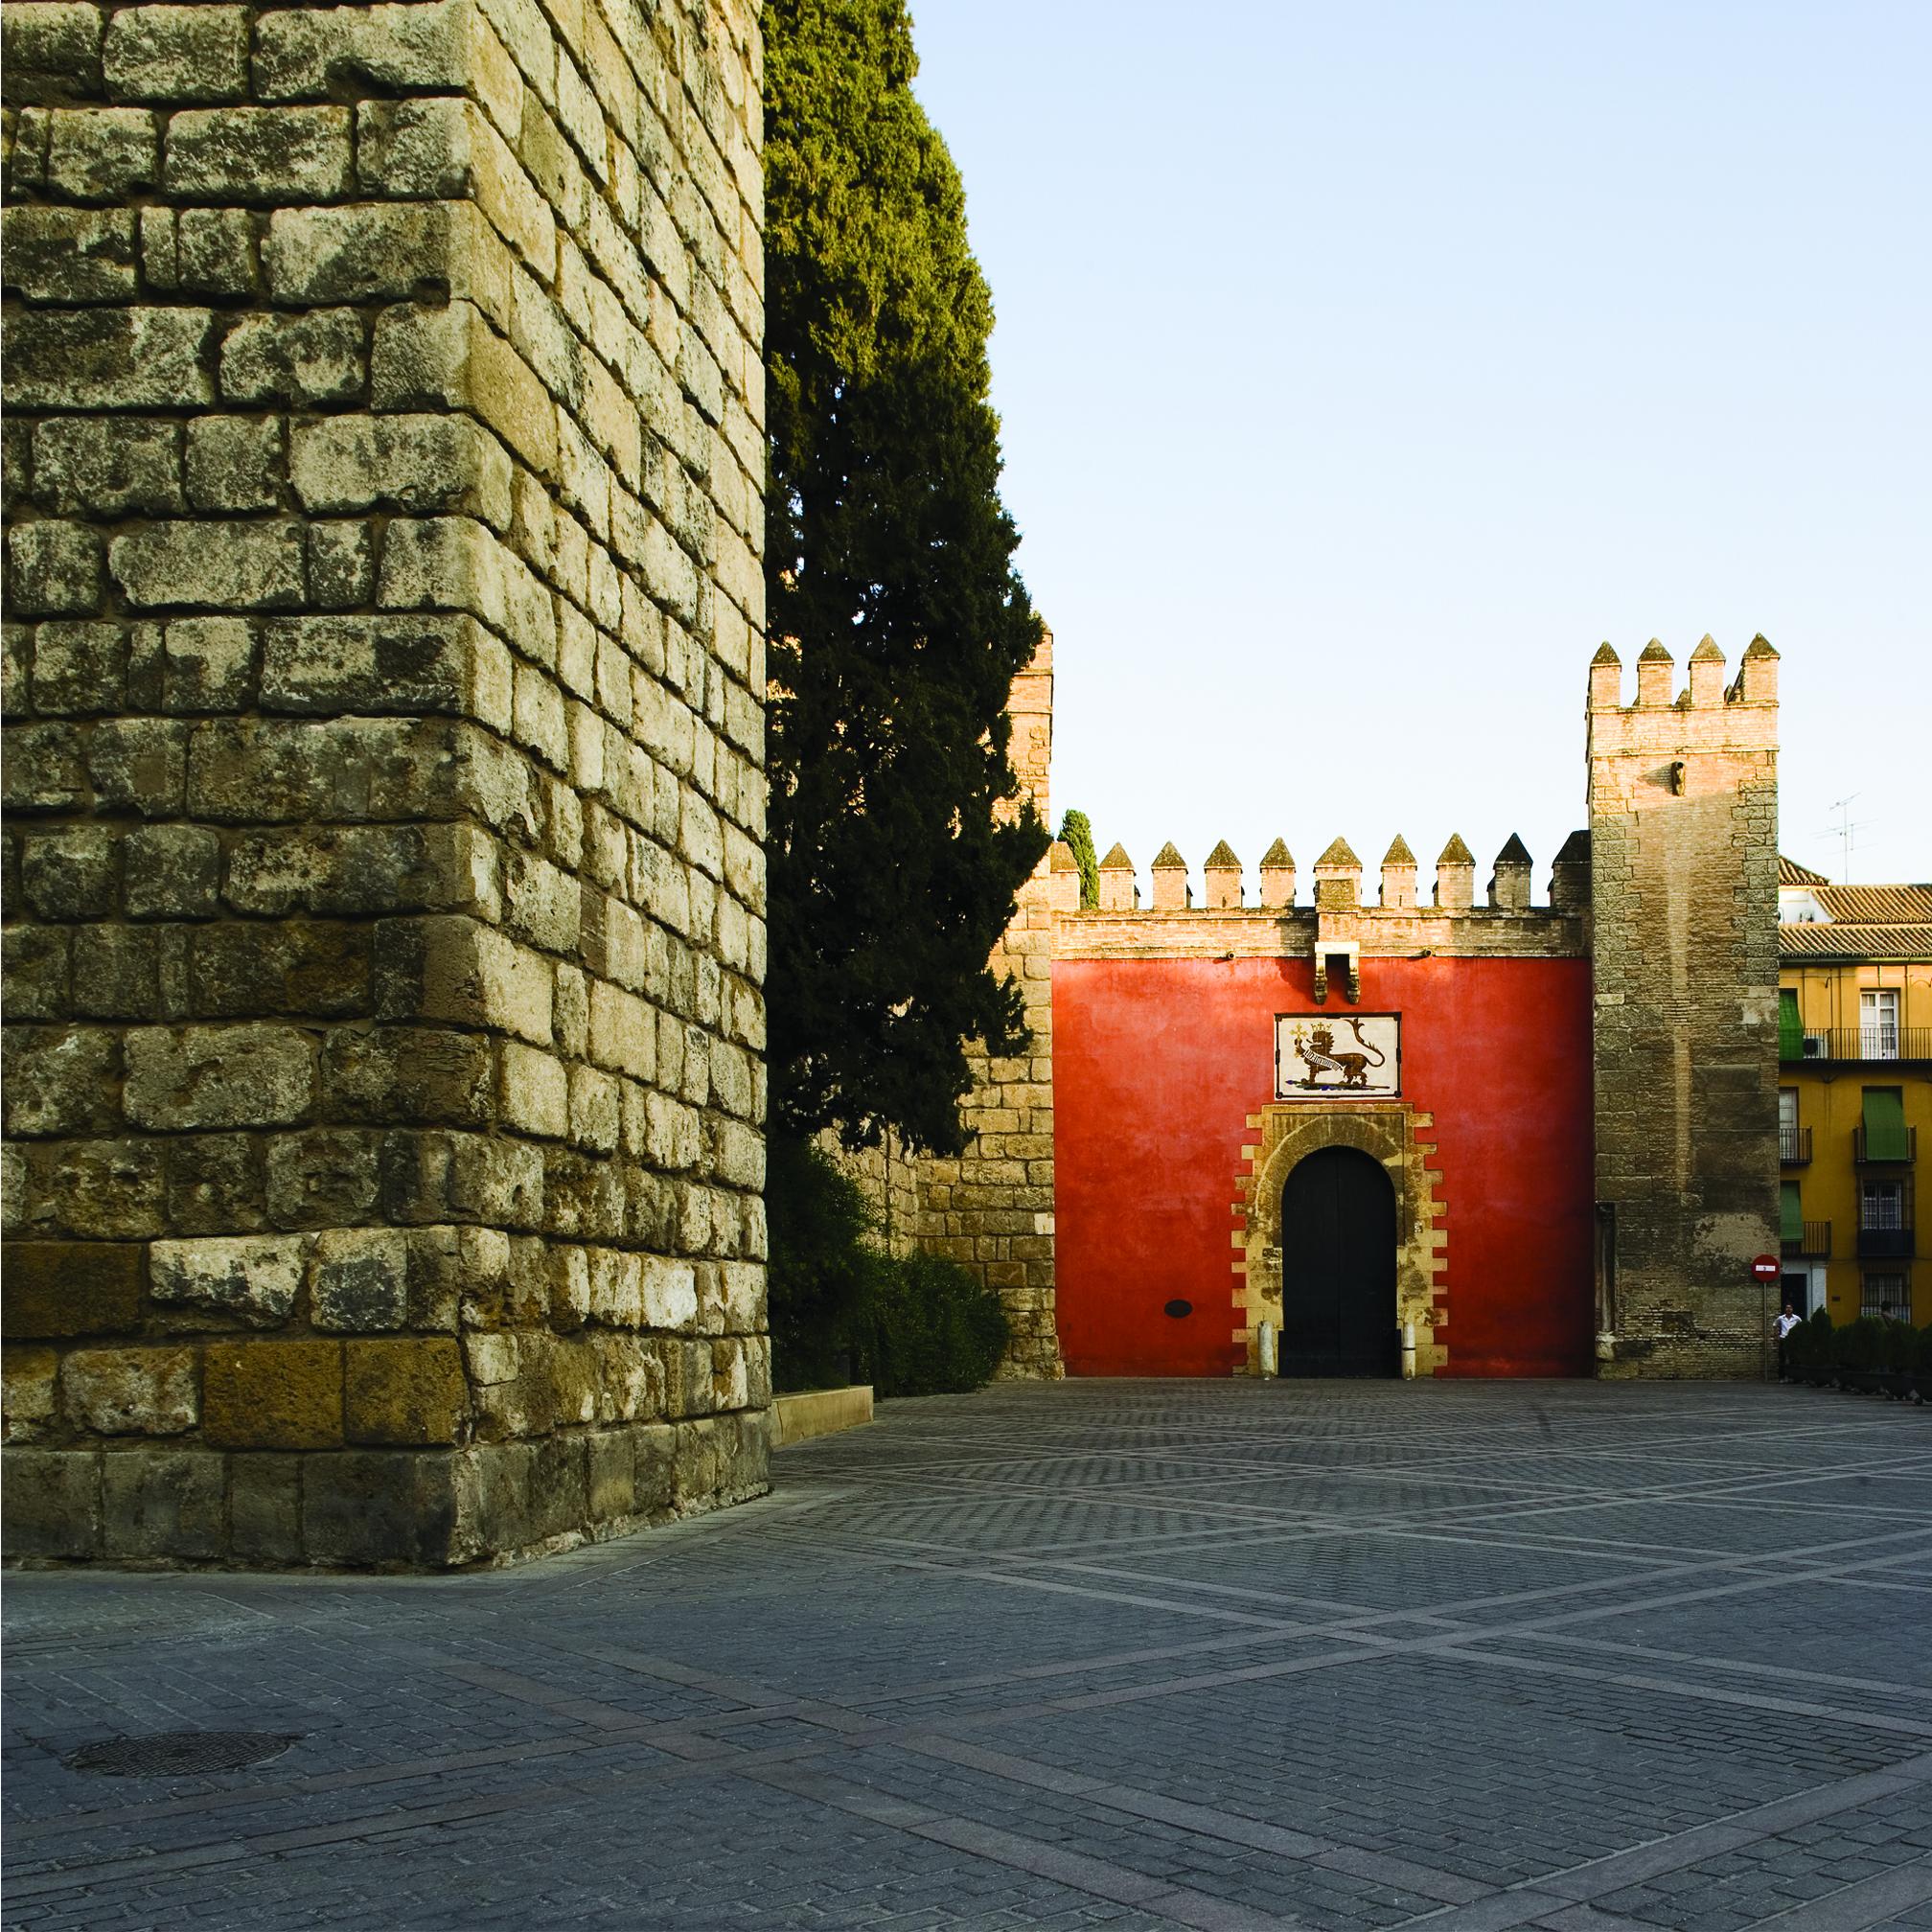 Certificado Satisfactorio de Suministro de nuestros productos al Real Alcázar de Sevilla